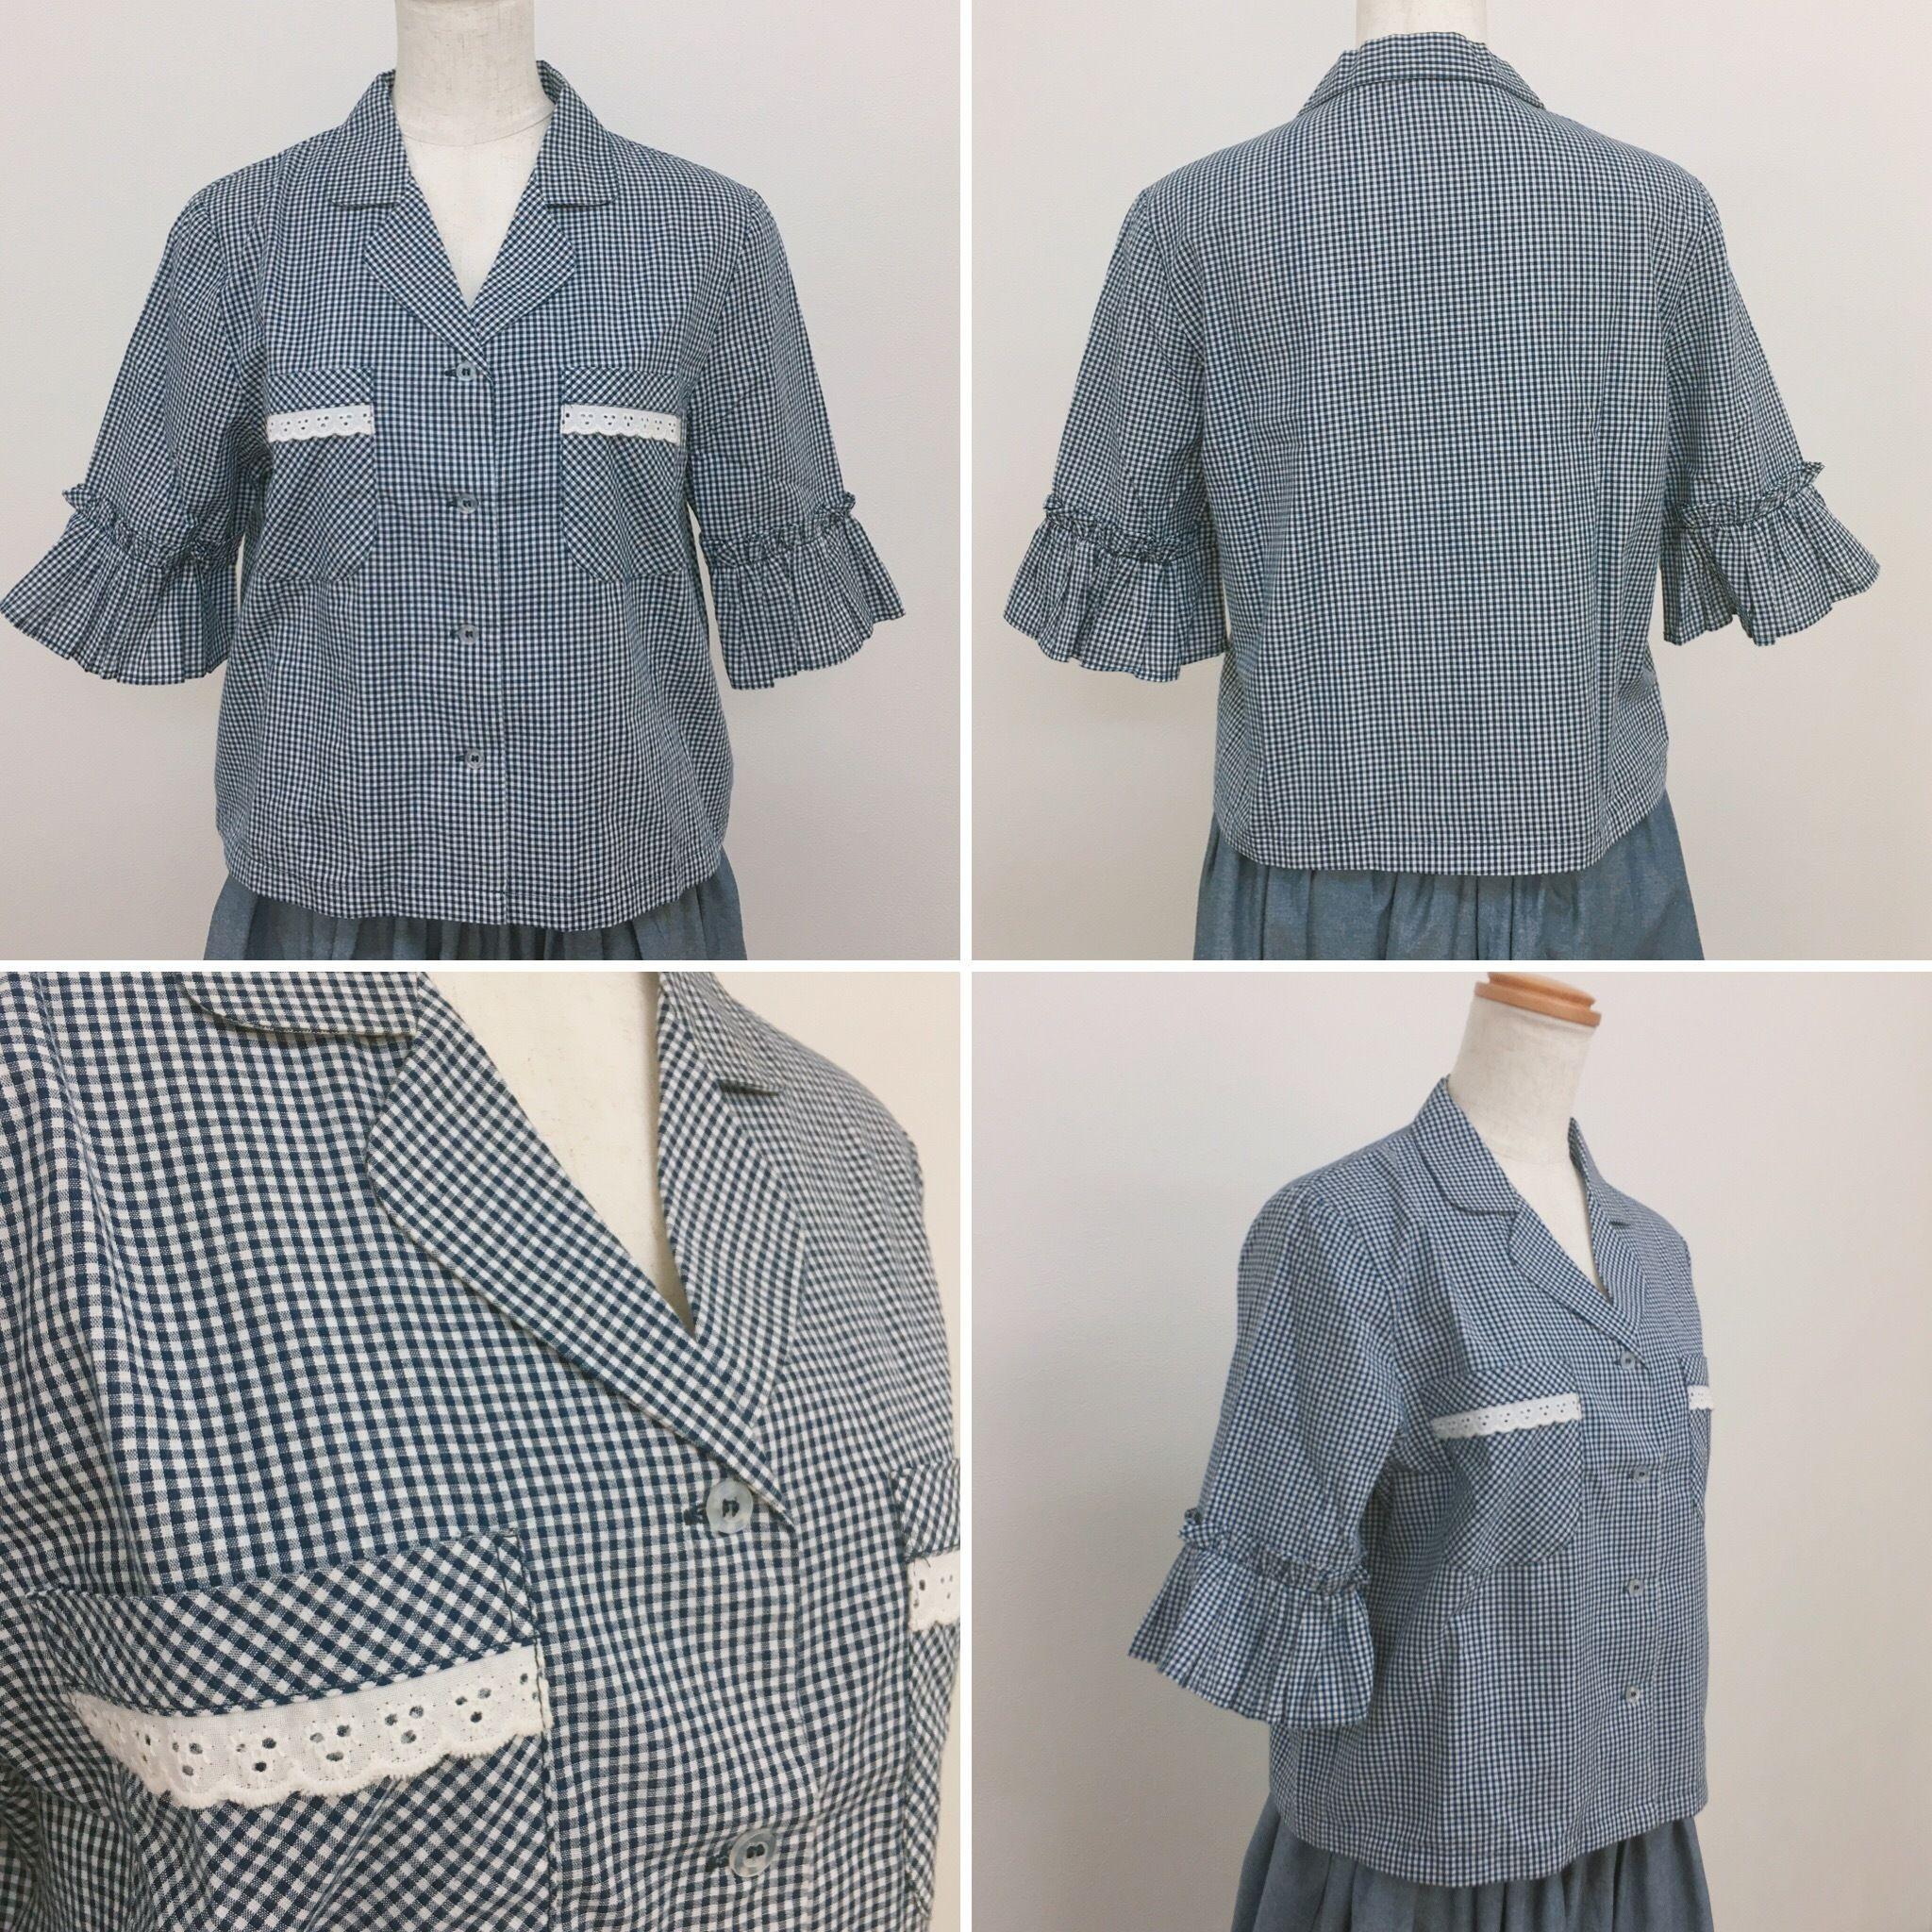 「1点限定」綿100% シャツ襟 チェック柄 レースフリル 五分袖ブラウス